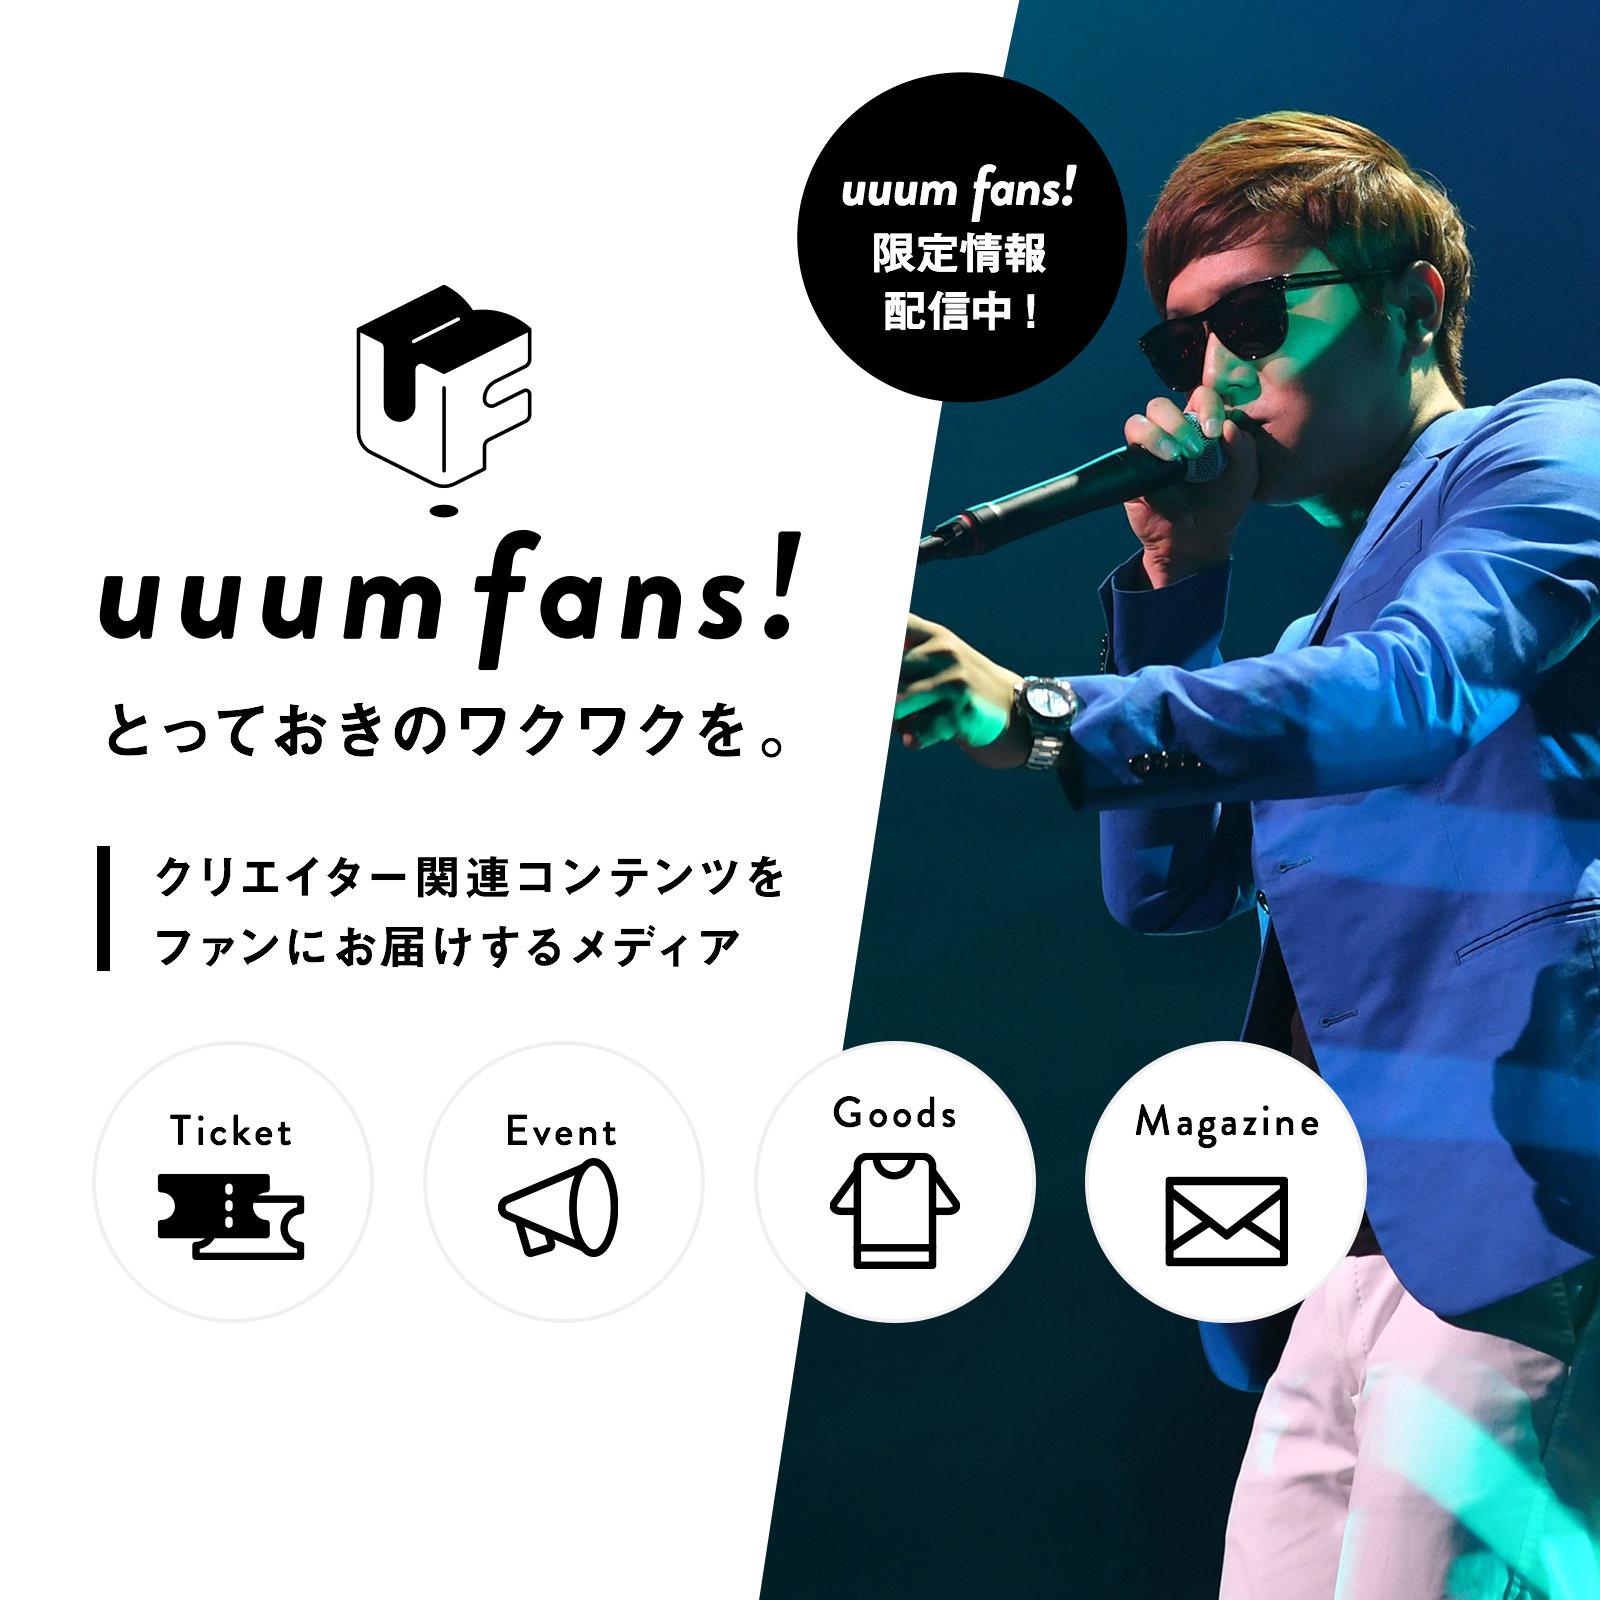 クリエイター関連コンテンツをファンにお届けするメディア uuum fans!